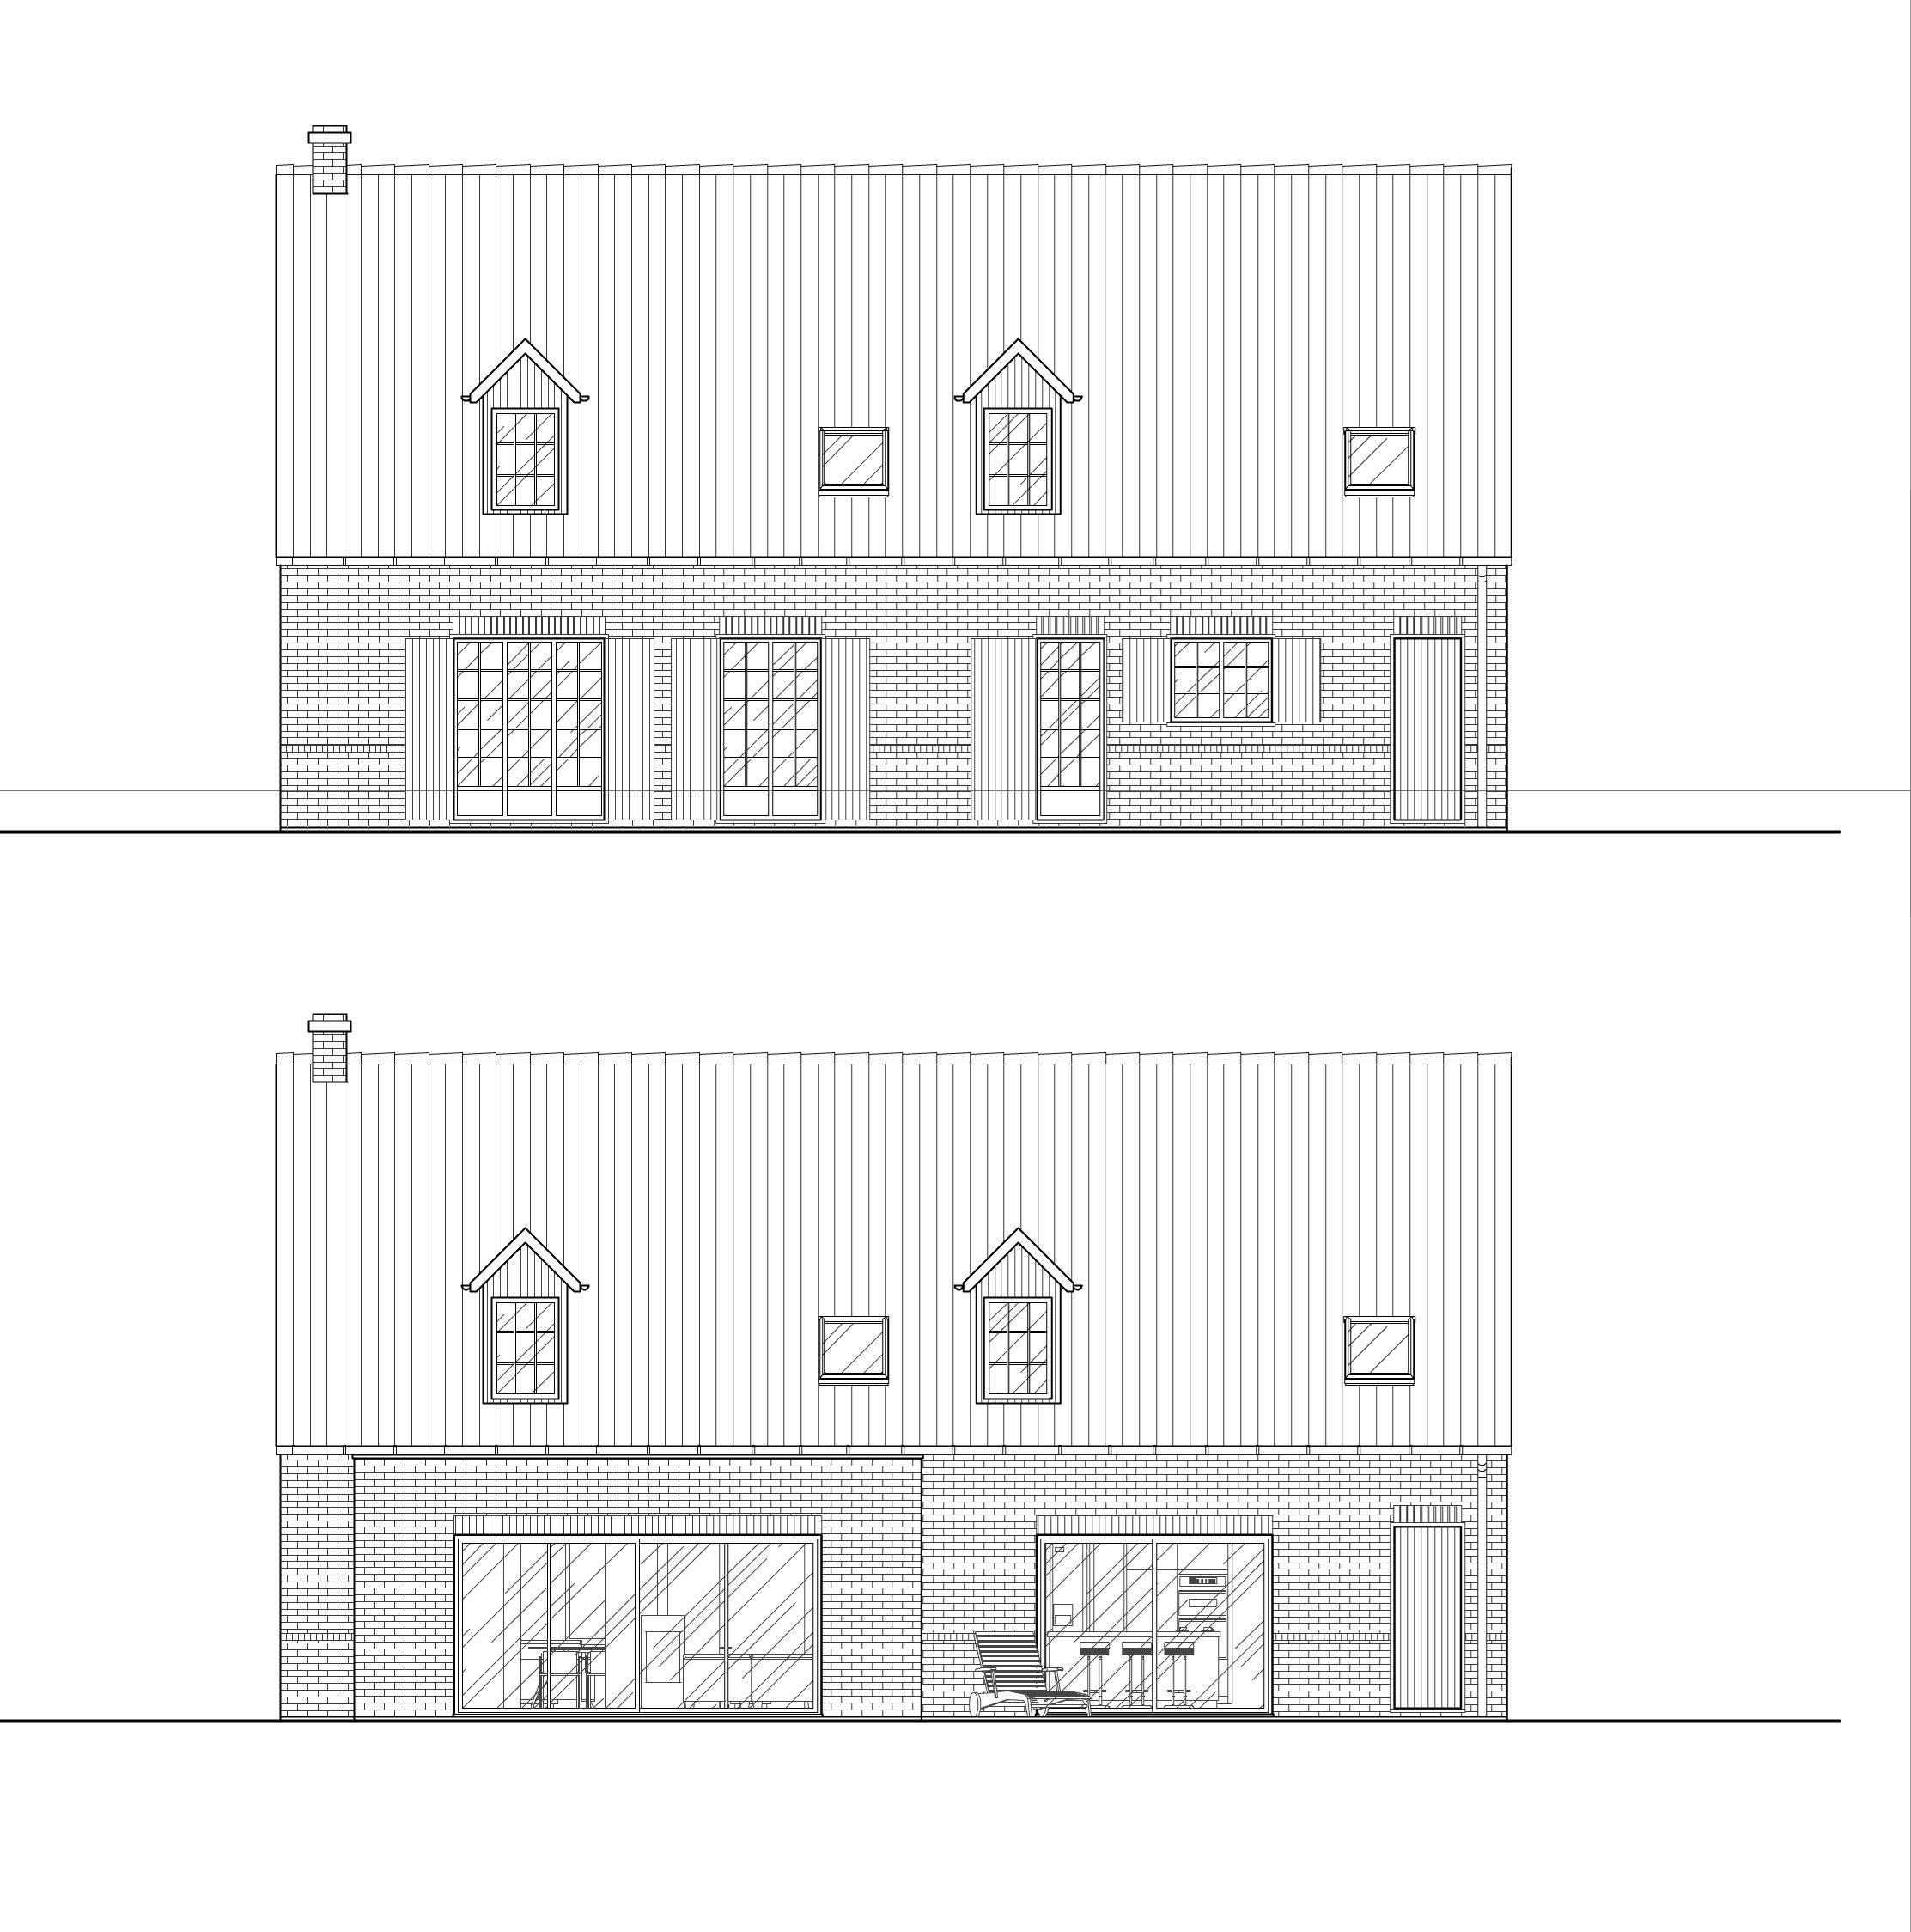 Permis de construire extension permis de construire for Extension maison 40m2 permis de construire